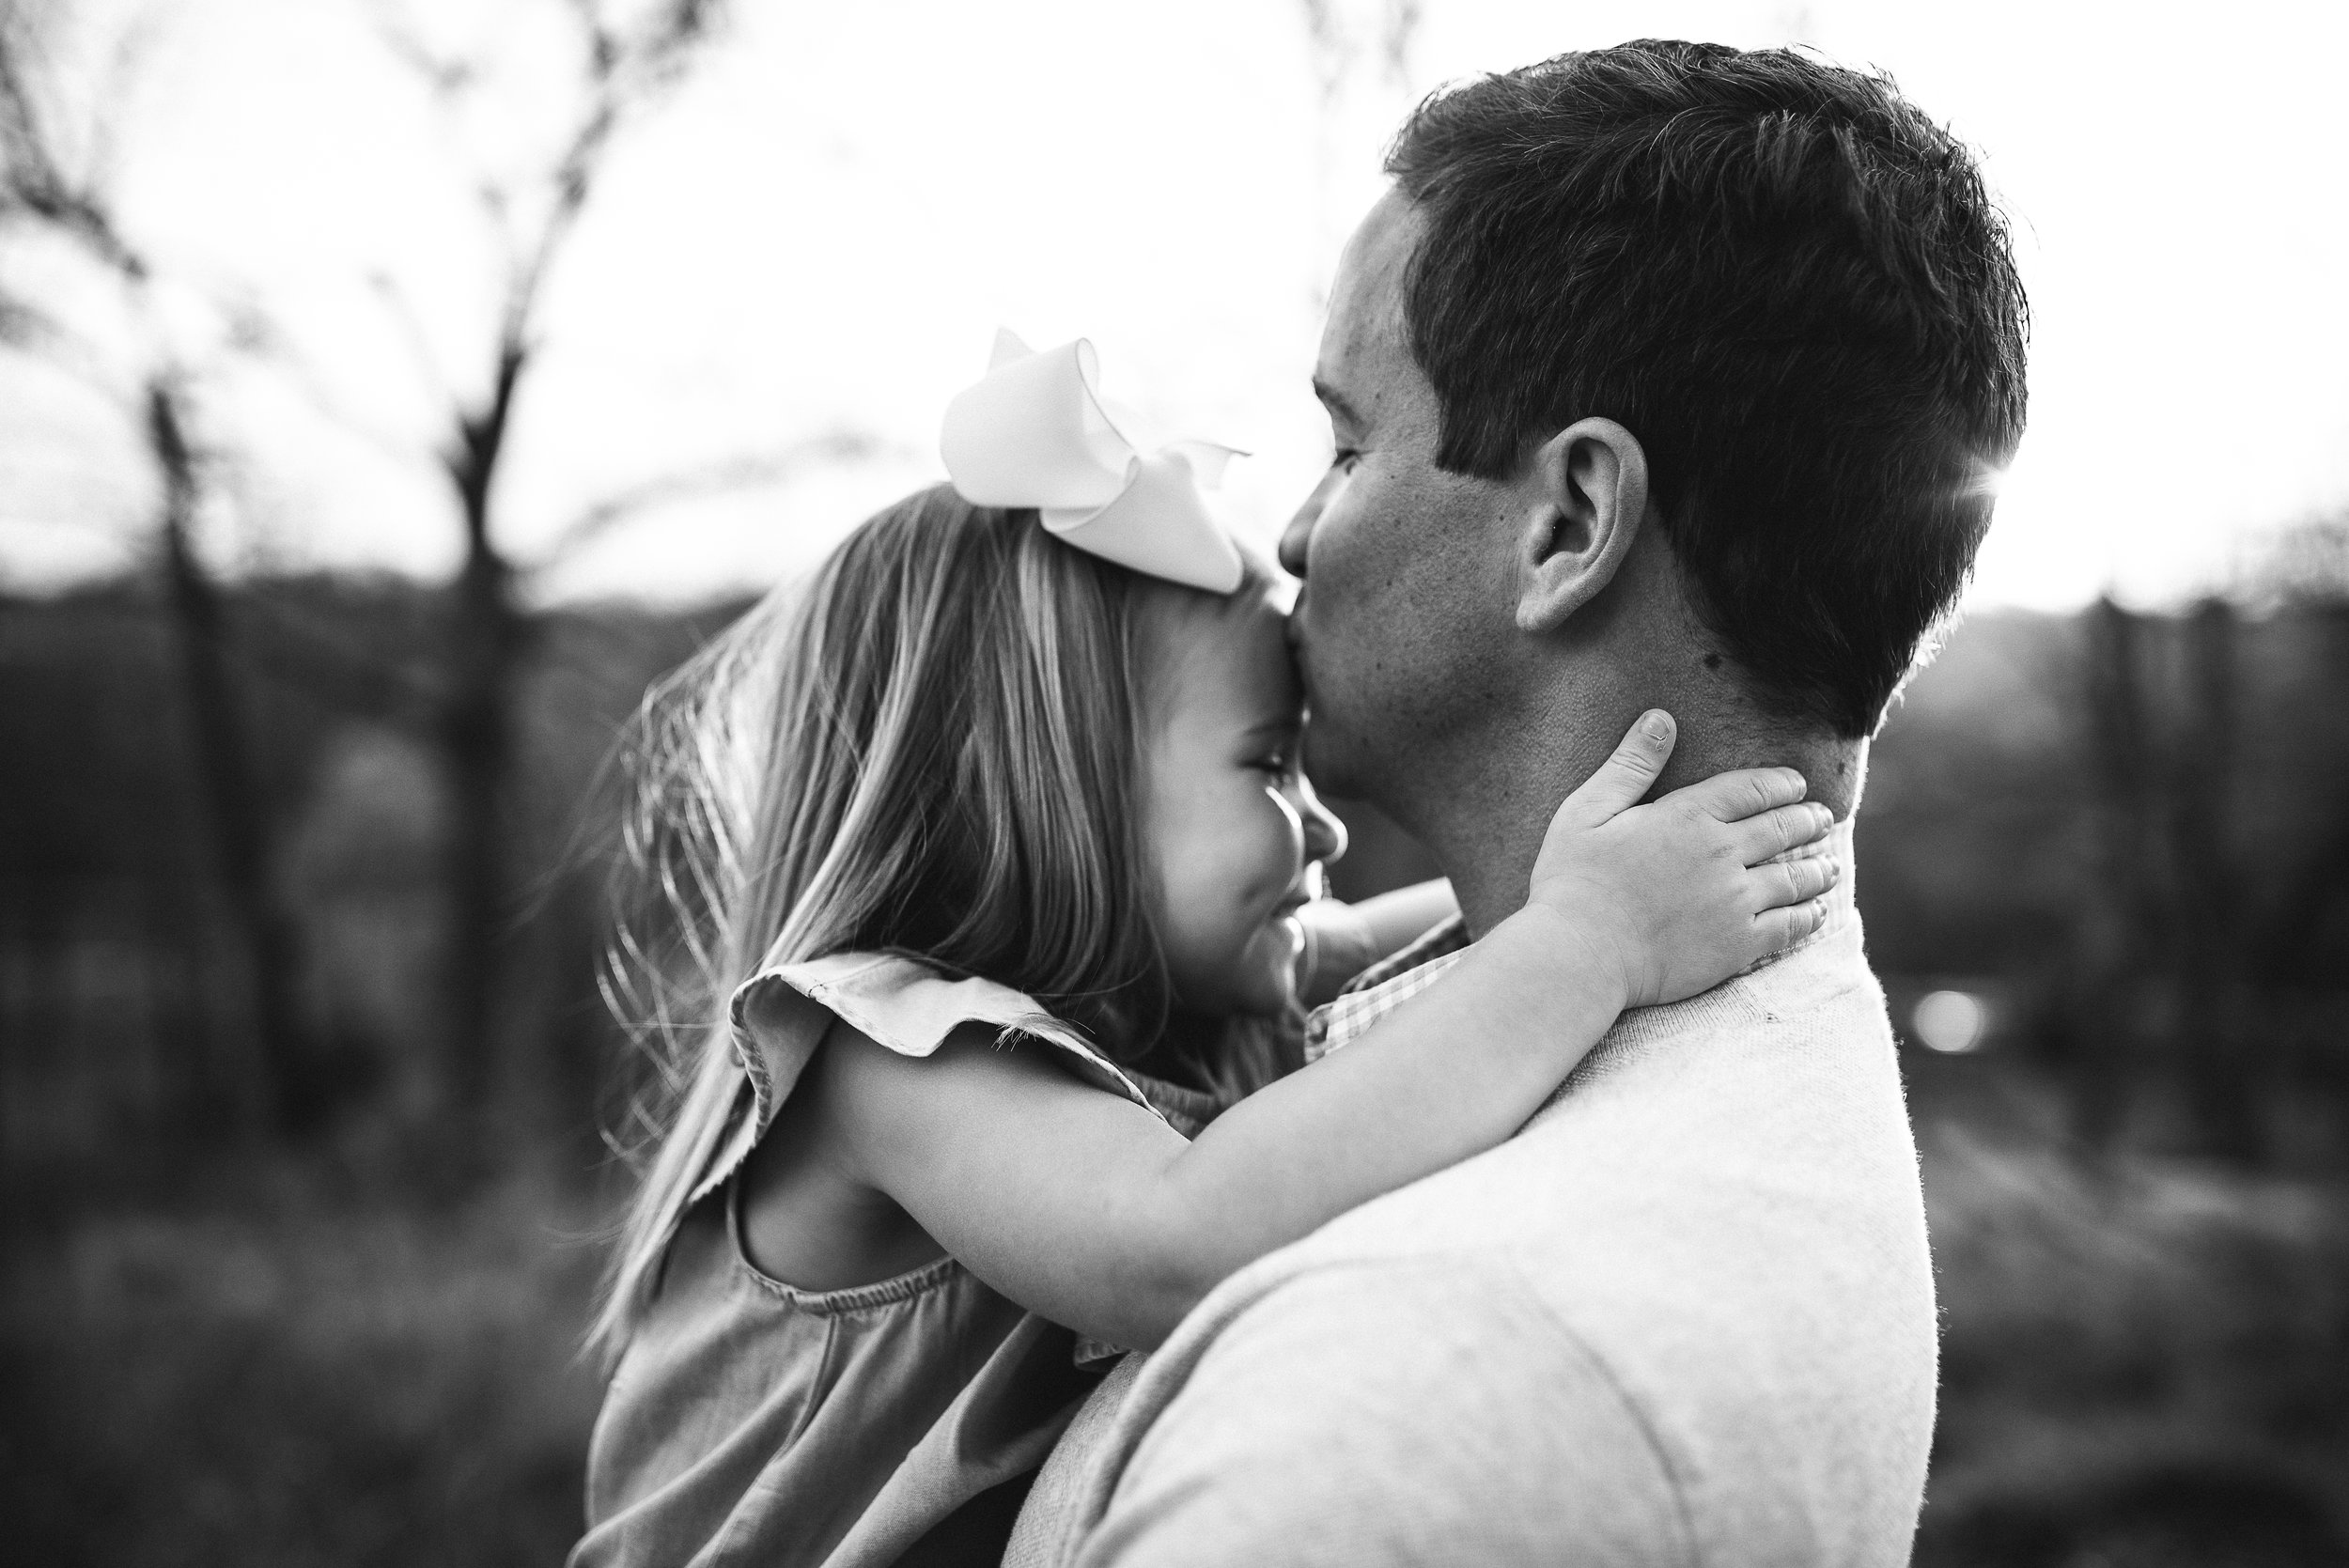 dad holding toddler daughter